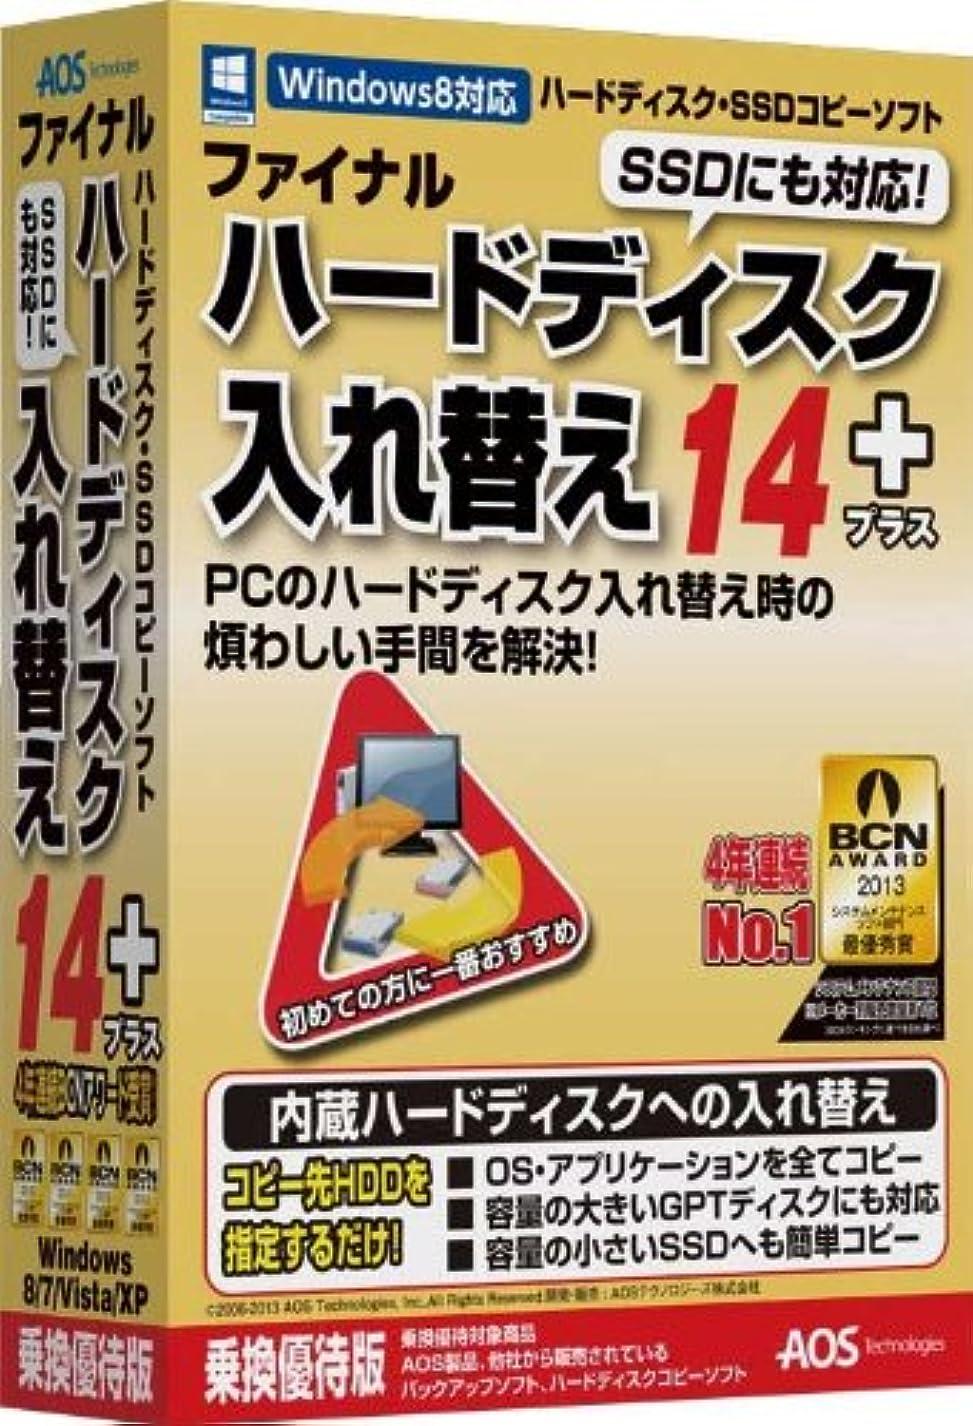 売る感覚悩む【旧商品】ファイナルハードディスク入れ替え14plus 乗換優待版